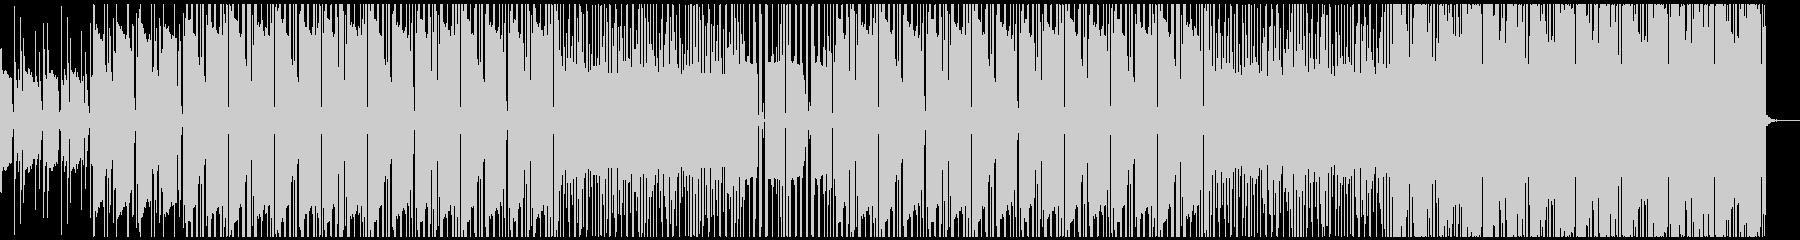 洋楽 大人ローファイビート ピアノギターの未再生の波形